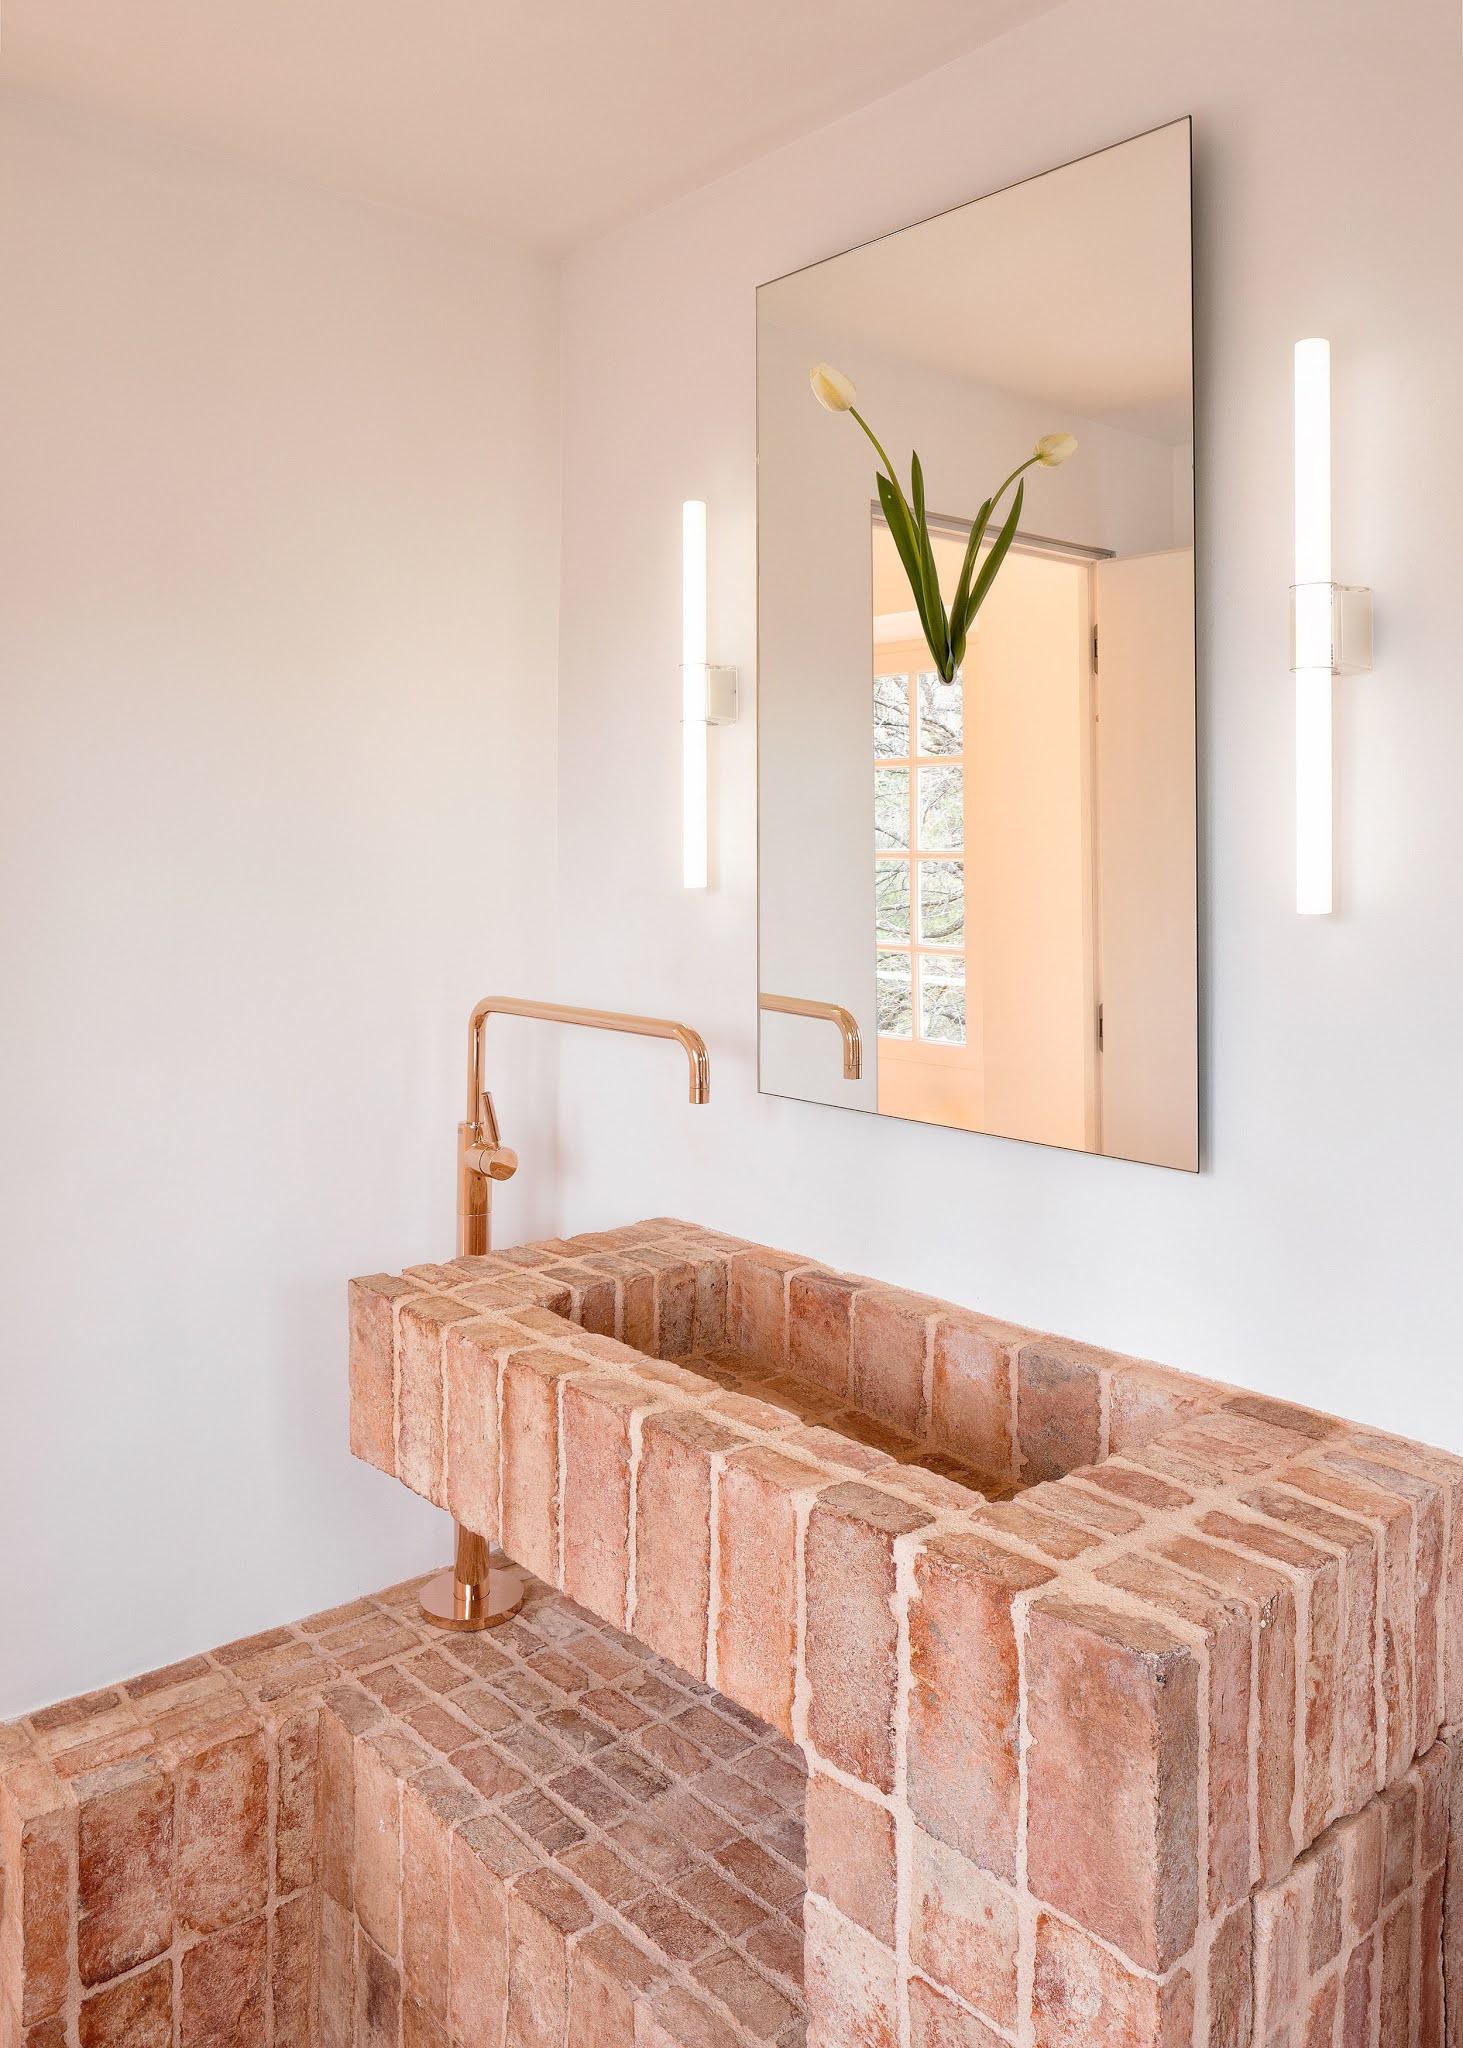 ilaria fatone inspirations détail d'une vasque de salle de bains en brique